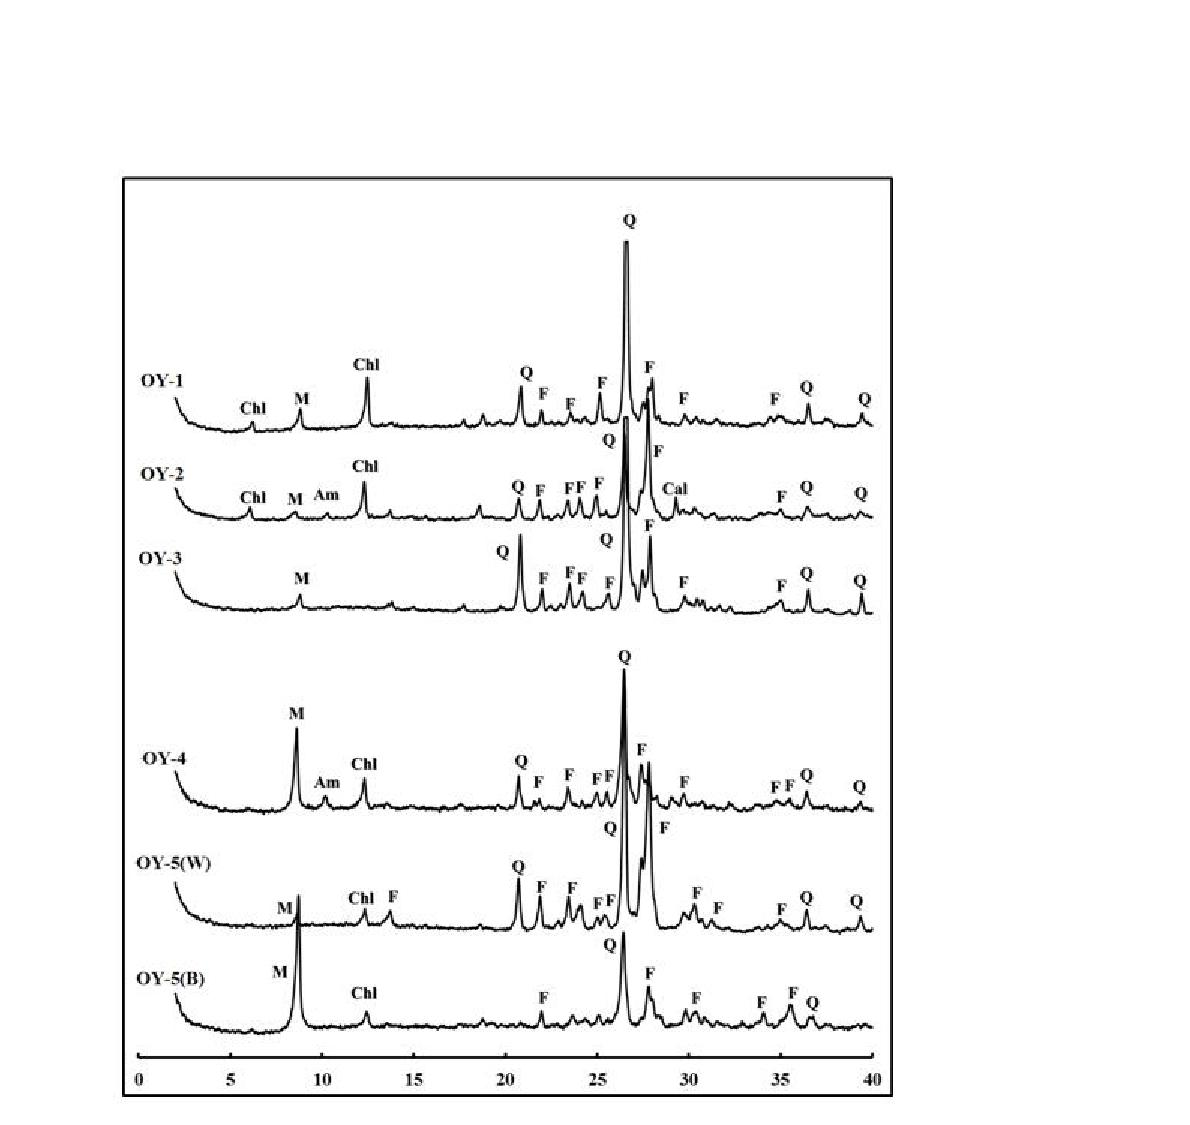 외연도 암석시료들의 X-선회절분석 패턴.